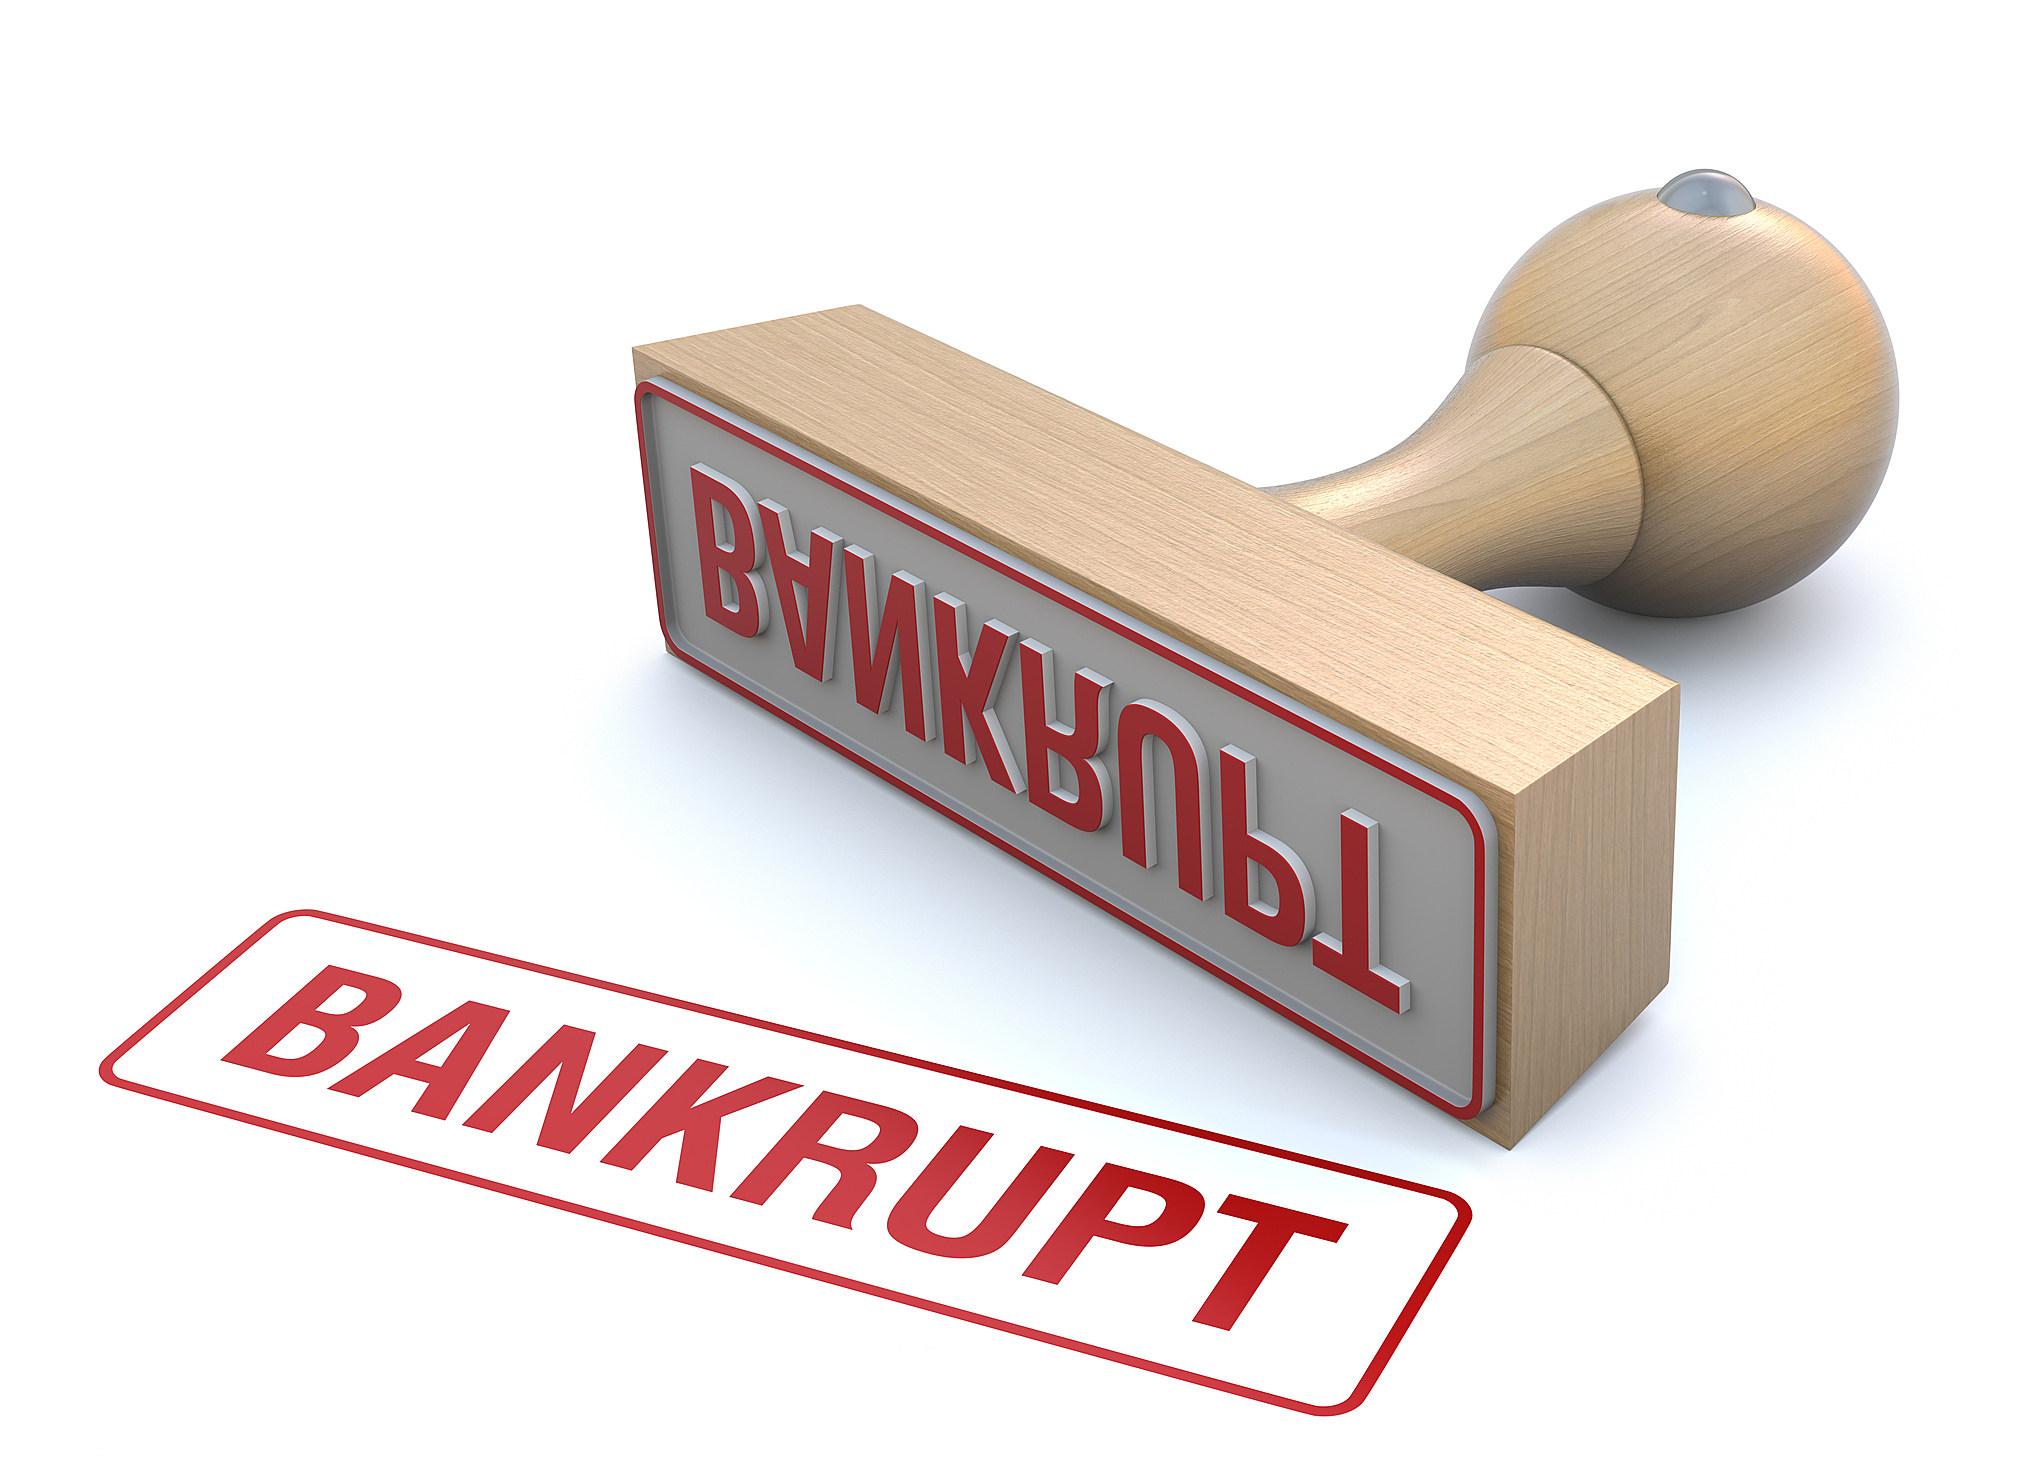 Gordmans files bankruptcy